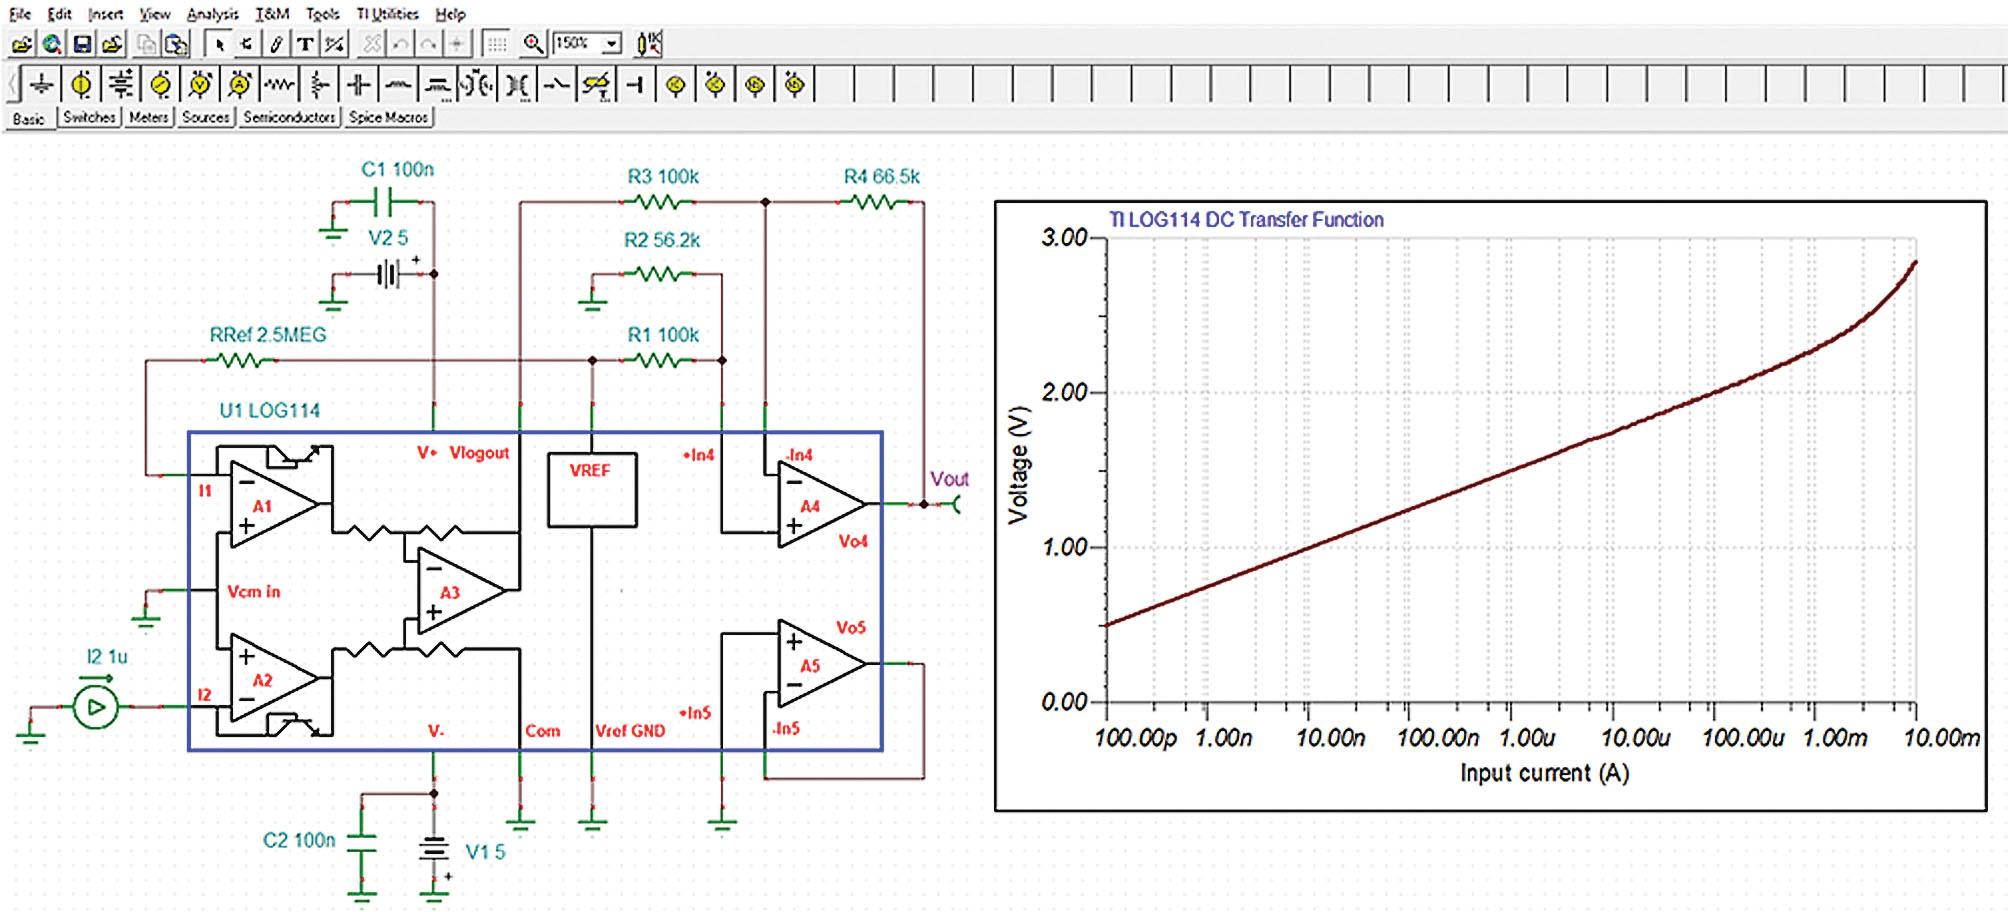 Моделирование усилителя LOG114 в TINA-TI. Линейность усилителя наблюдается на семи декадах входного тока